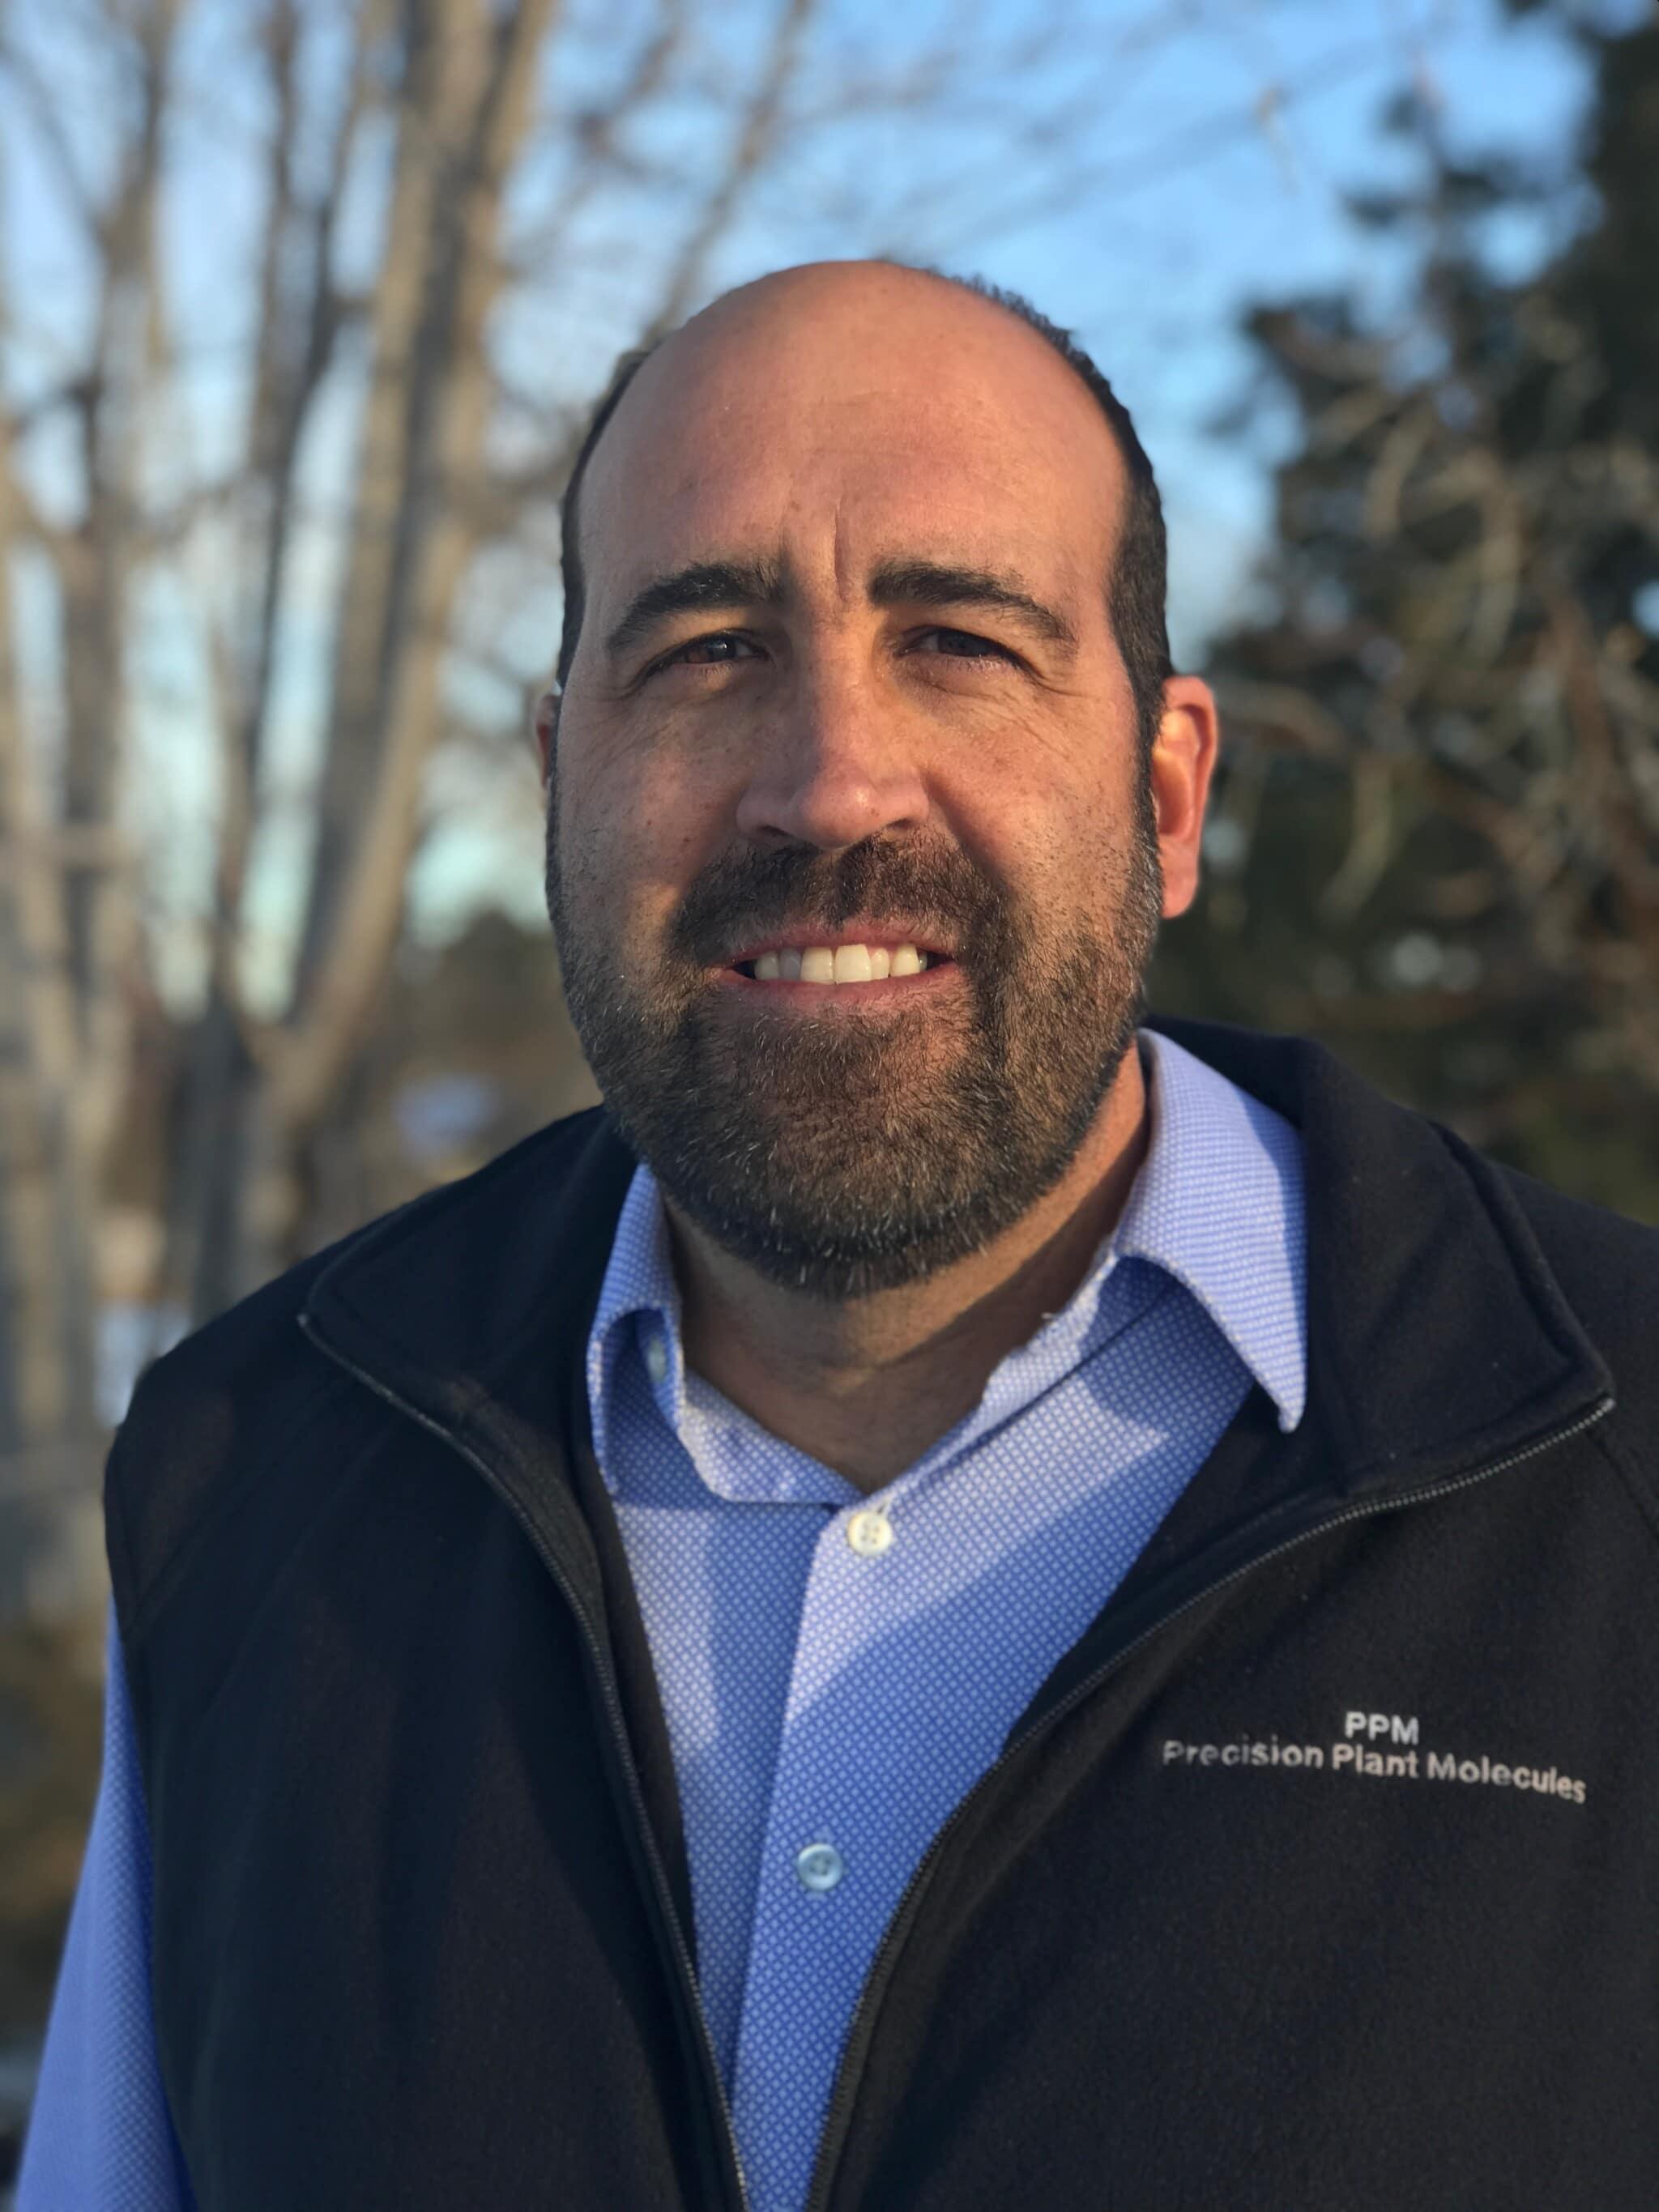 Steve Kazemi